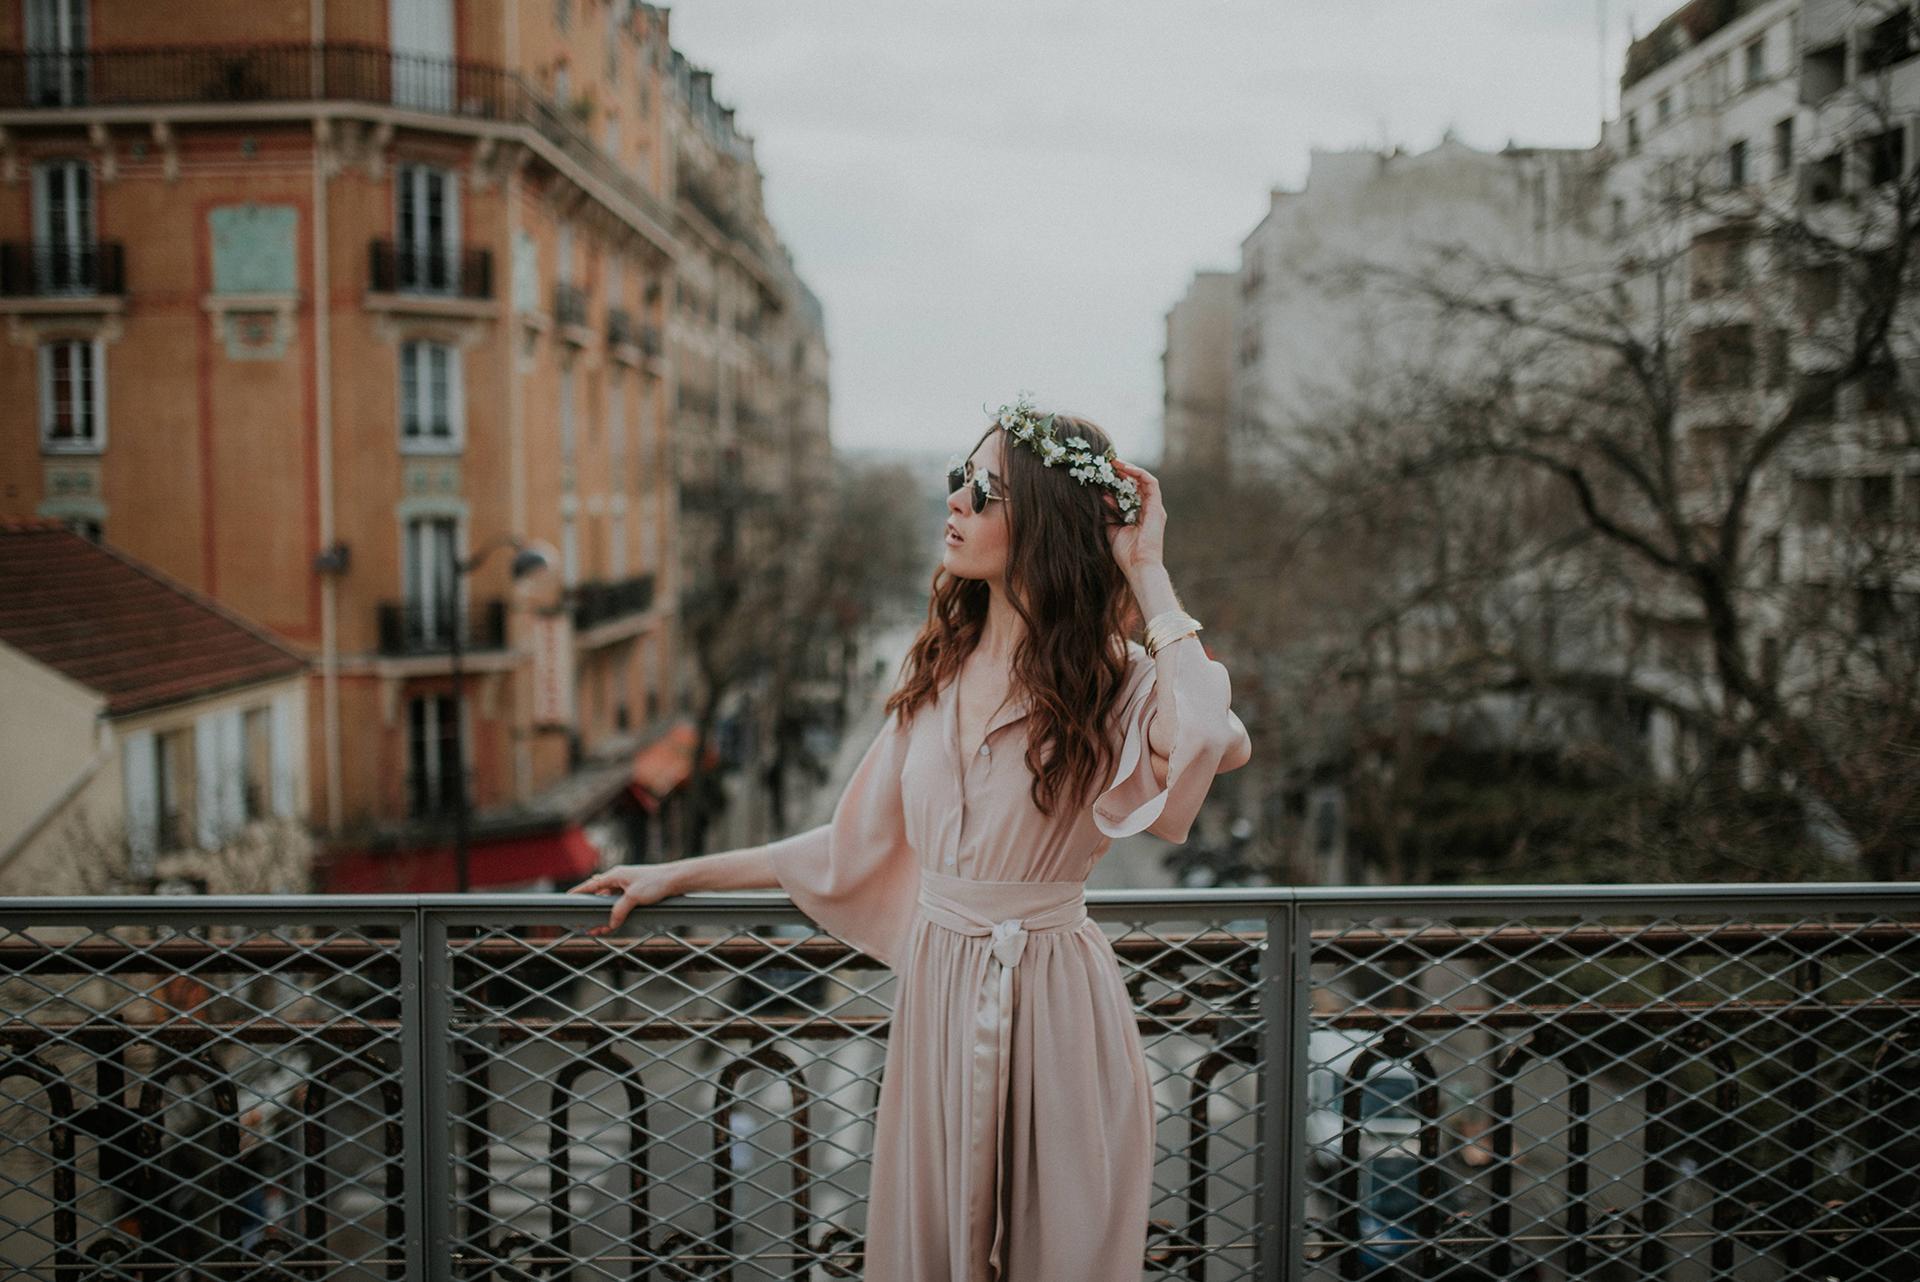 ©les_histoires_d_a_laetitia_pavoine_melodie_boitard